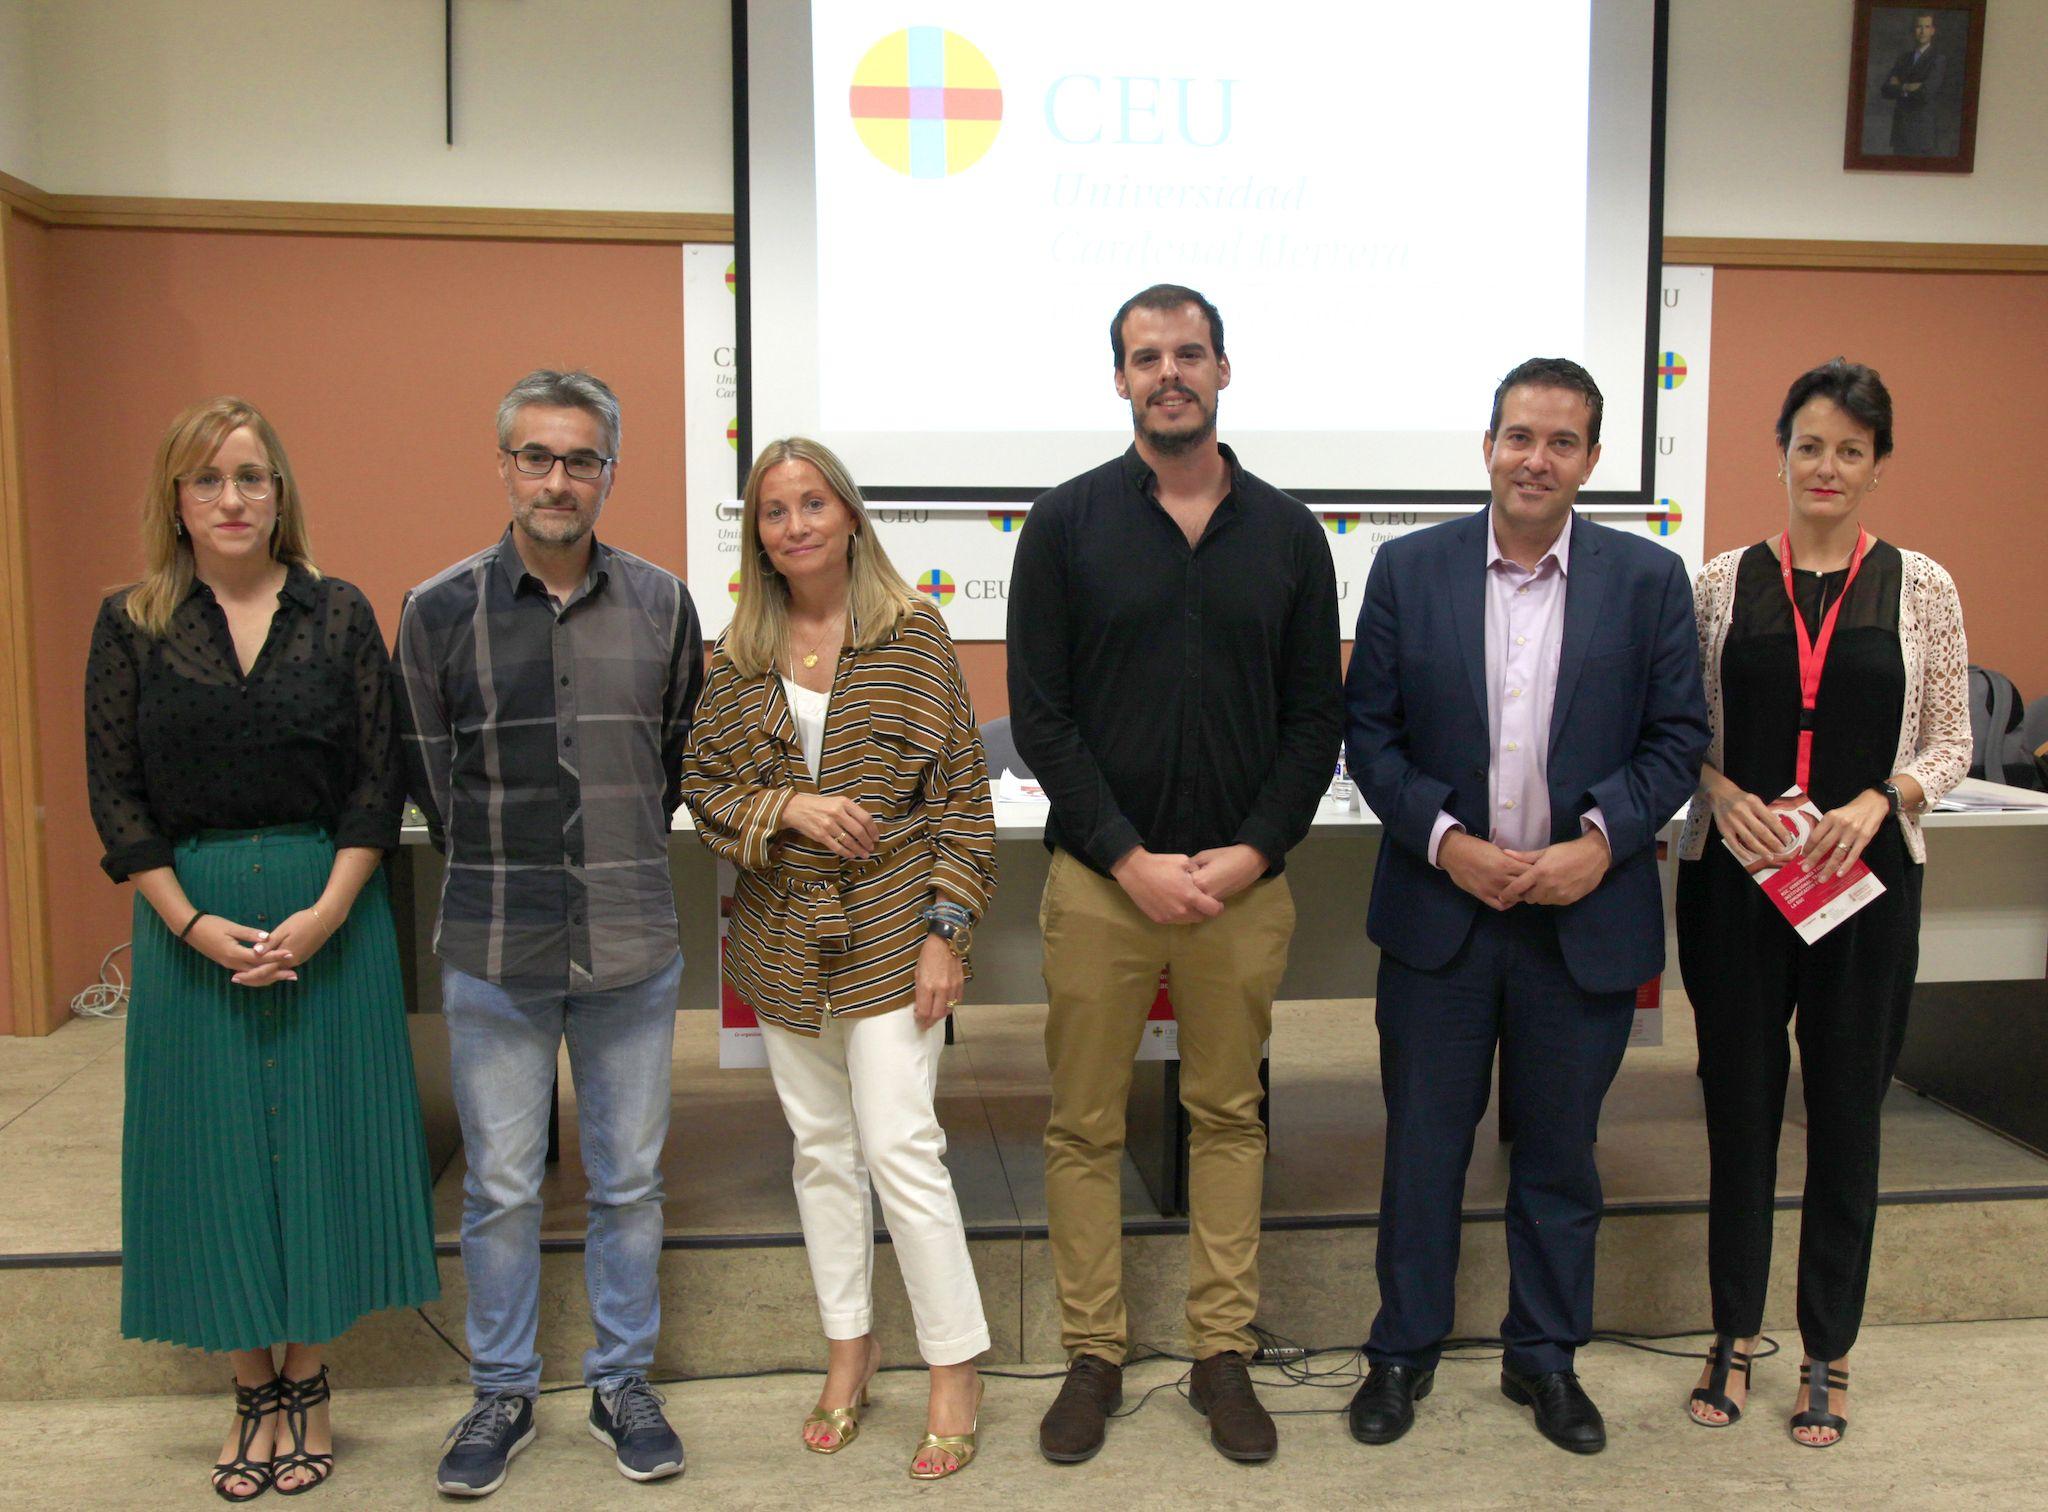 Ponentes y organizadores del Seminario sobre Transparencia, Comunicación y Evaluación de la RSC, en la CEU UCH.